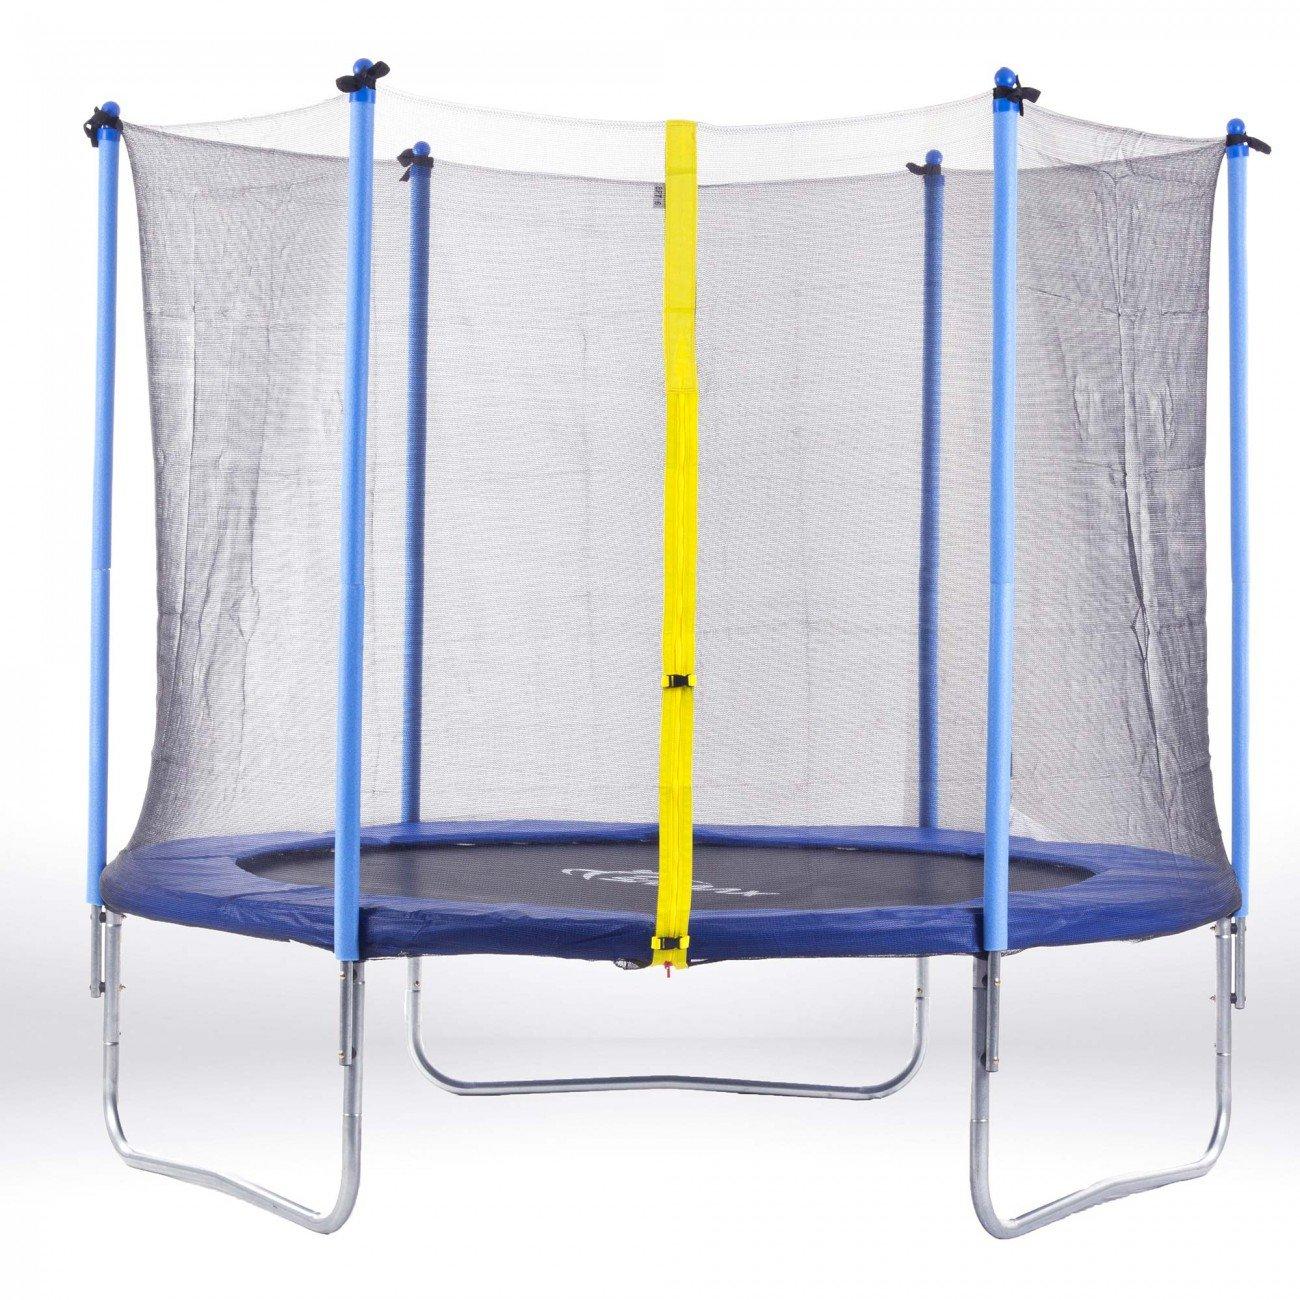 SAMAX Trampolin Gartentrampolin 3,66m (12 ft) Sicherheitsnetz blau